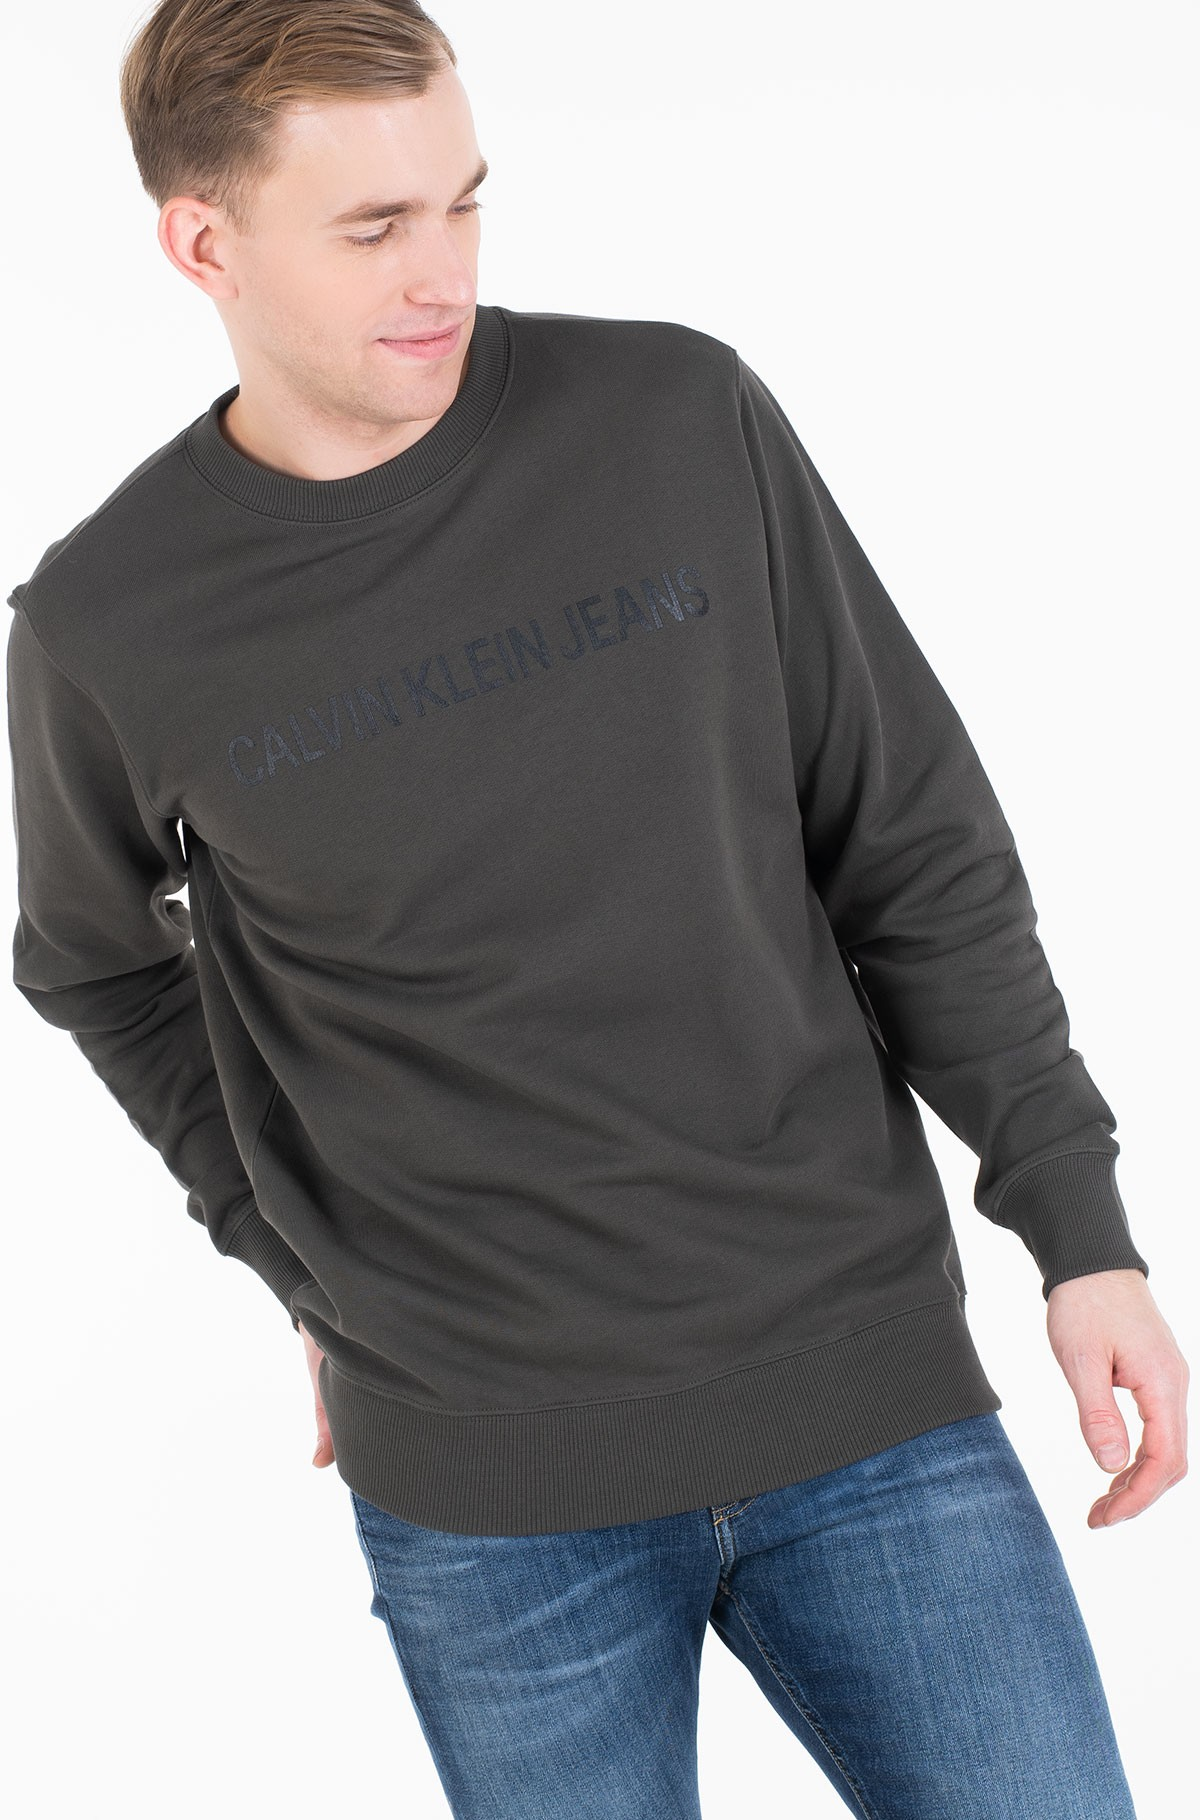 Džemperis INSTITUTIONAL LOGO REG CREW NECK-full-1